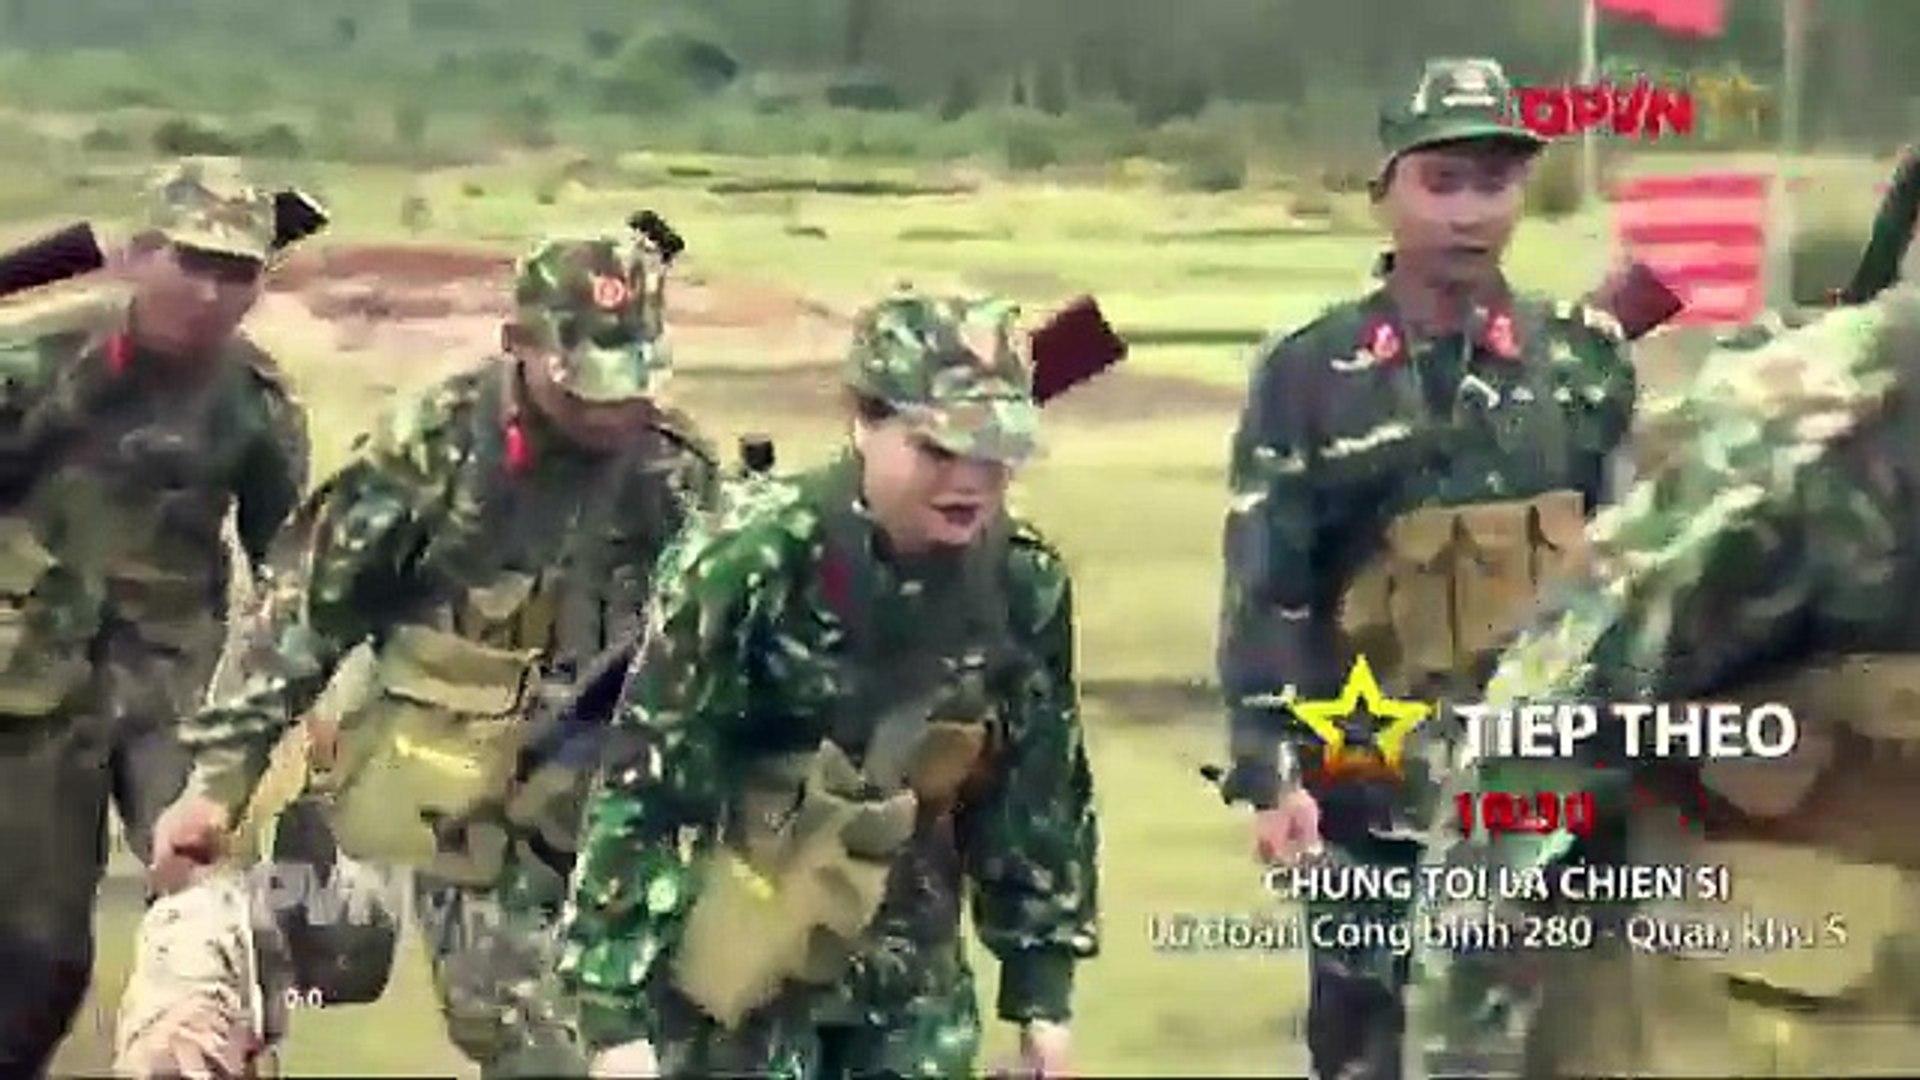 Tập 10 - Những người lính thực thụ - Sao nhập ngũ SS6 Biệt đội chống độc - QPVN - Bản chuẩn pilikeyo